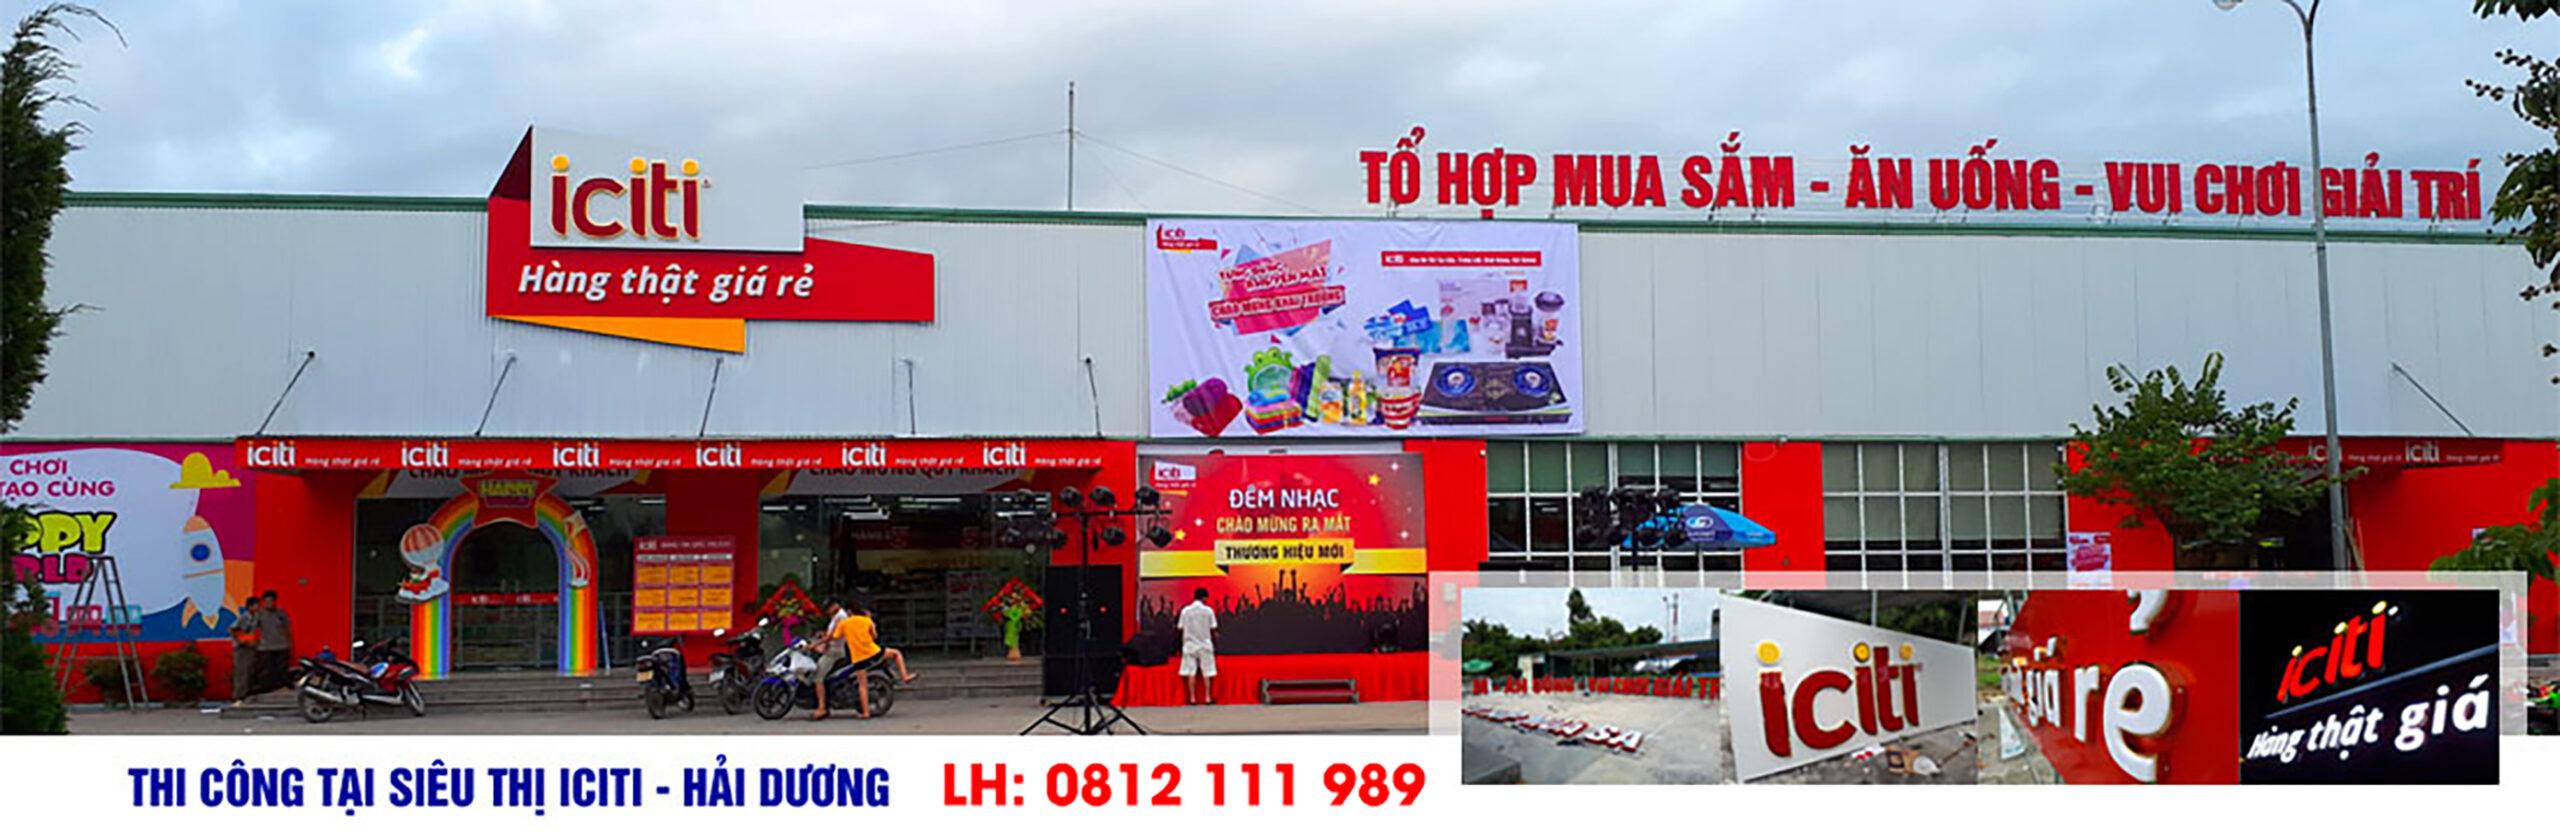 Quảng cáo Vũ Phong chuyên làm biển quảng cáo tại Hải Dương và cung cấp sản phẩm tranh treo tường, tranh dán tường, vách ngăn CNC, decal trang trí.